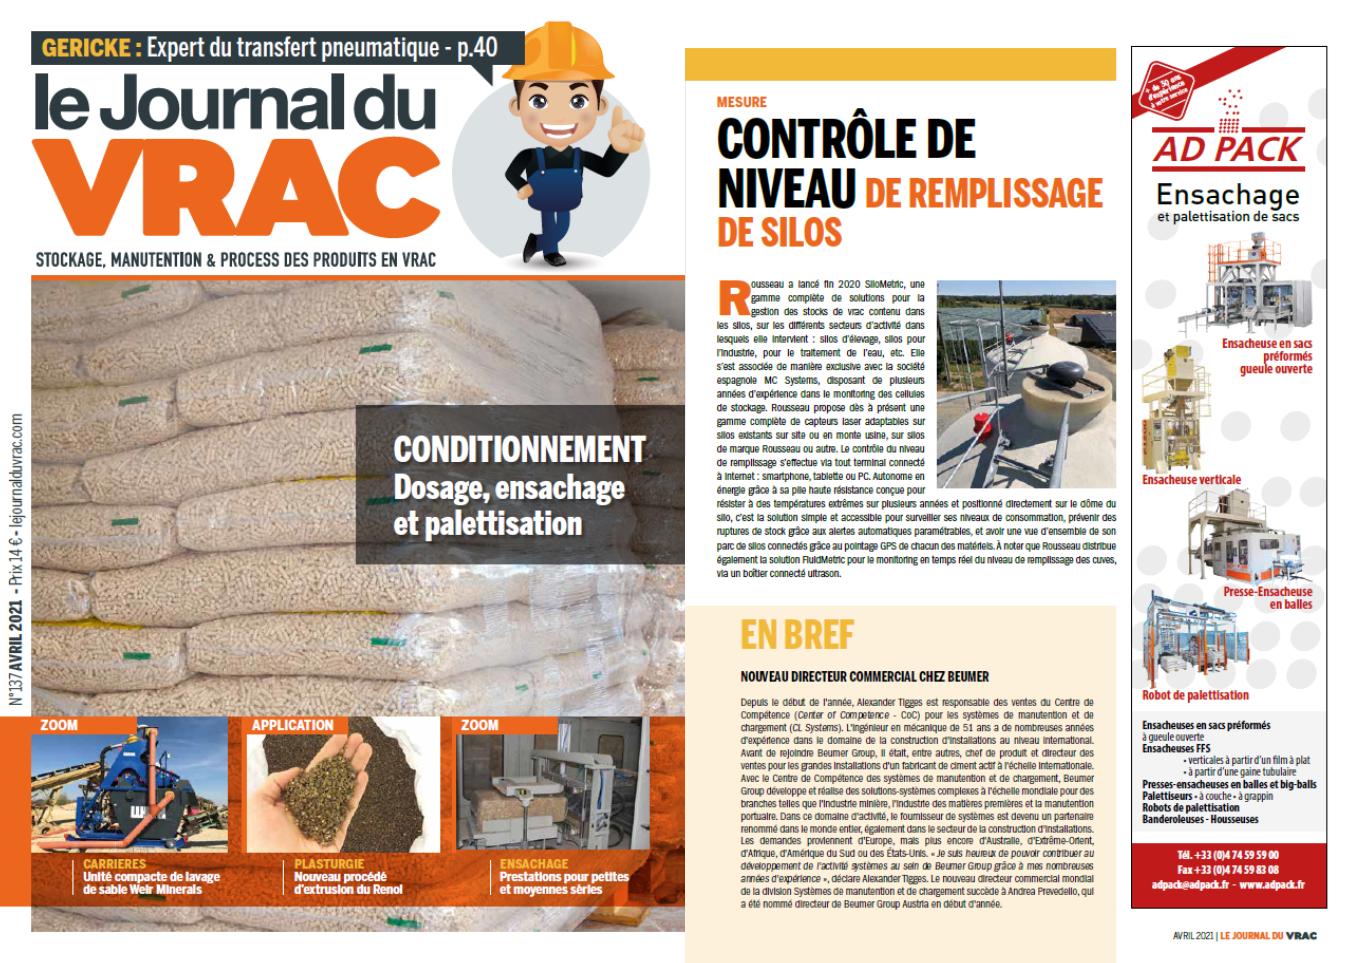 AD PACK dans la revue LE JOURNAL DU VRAC